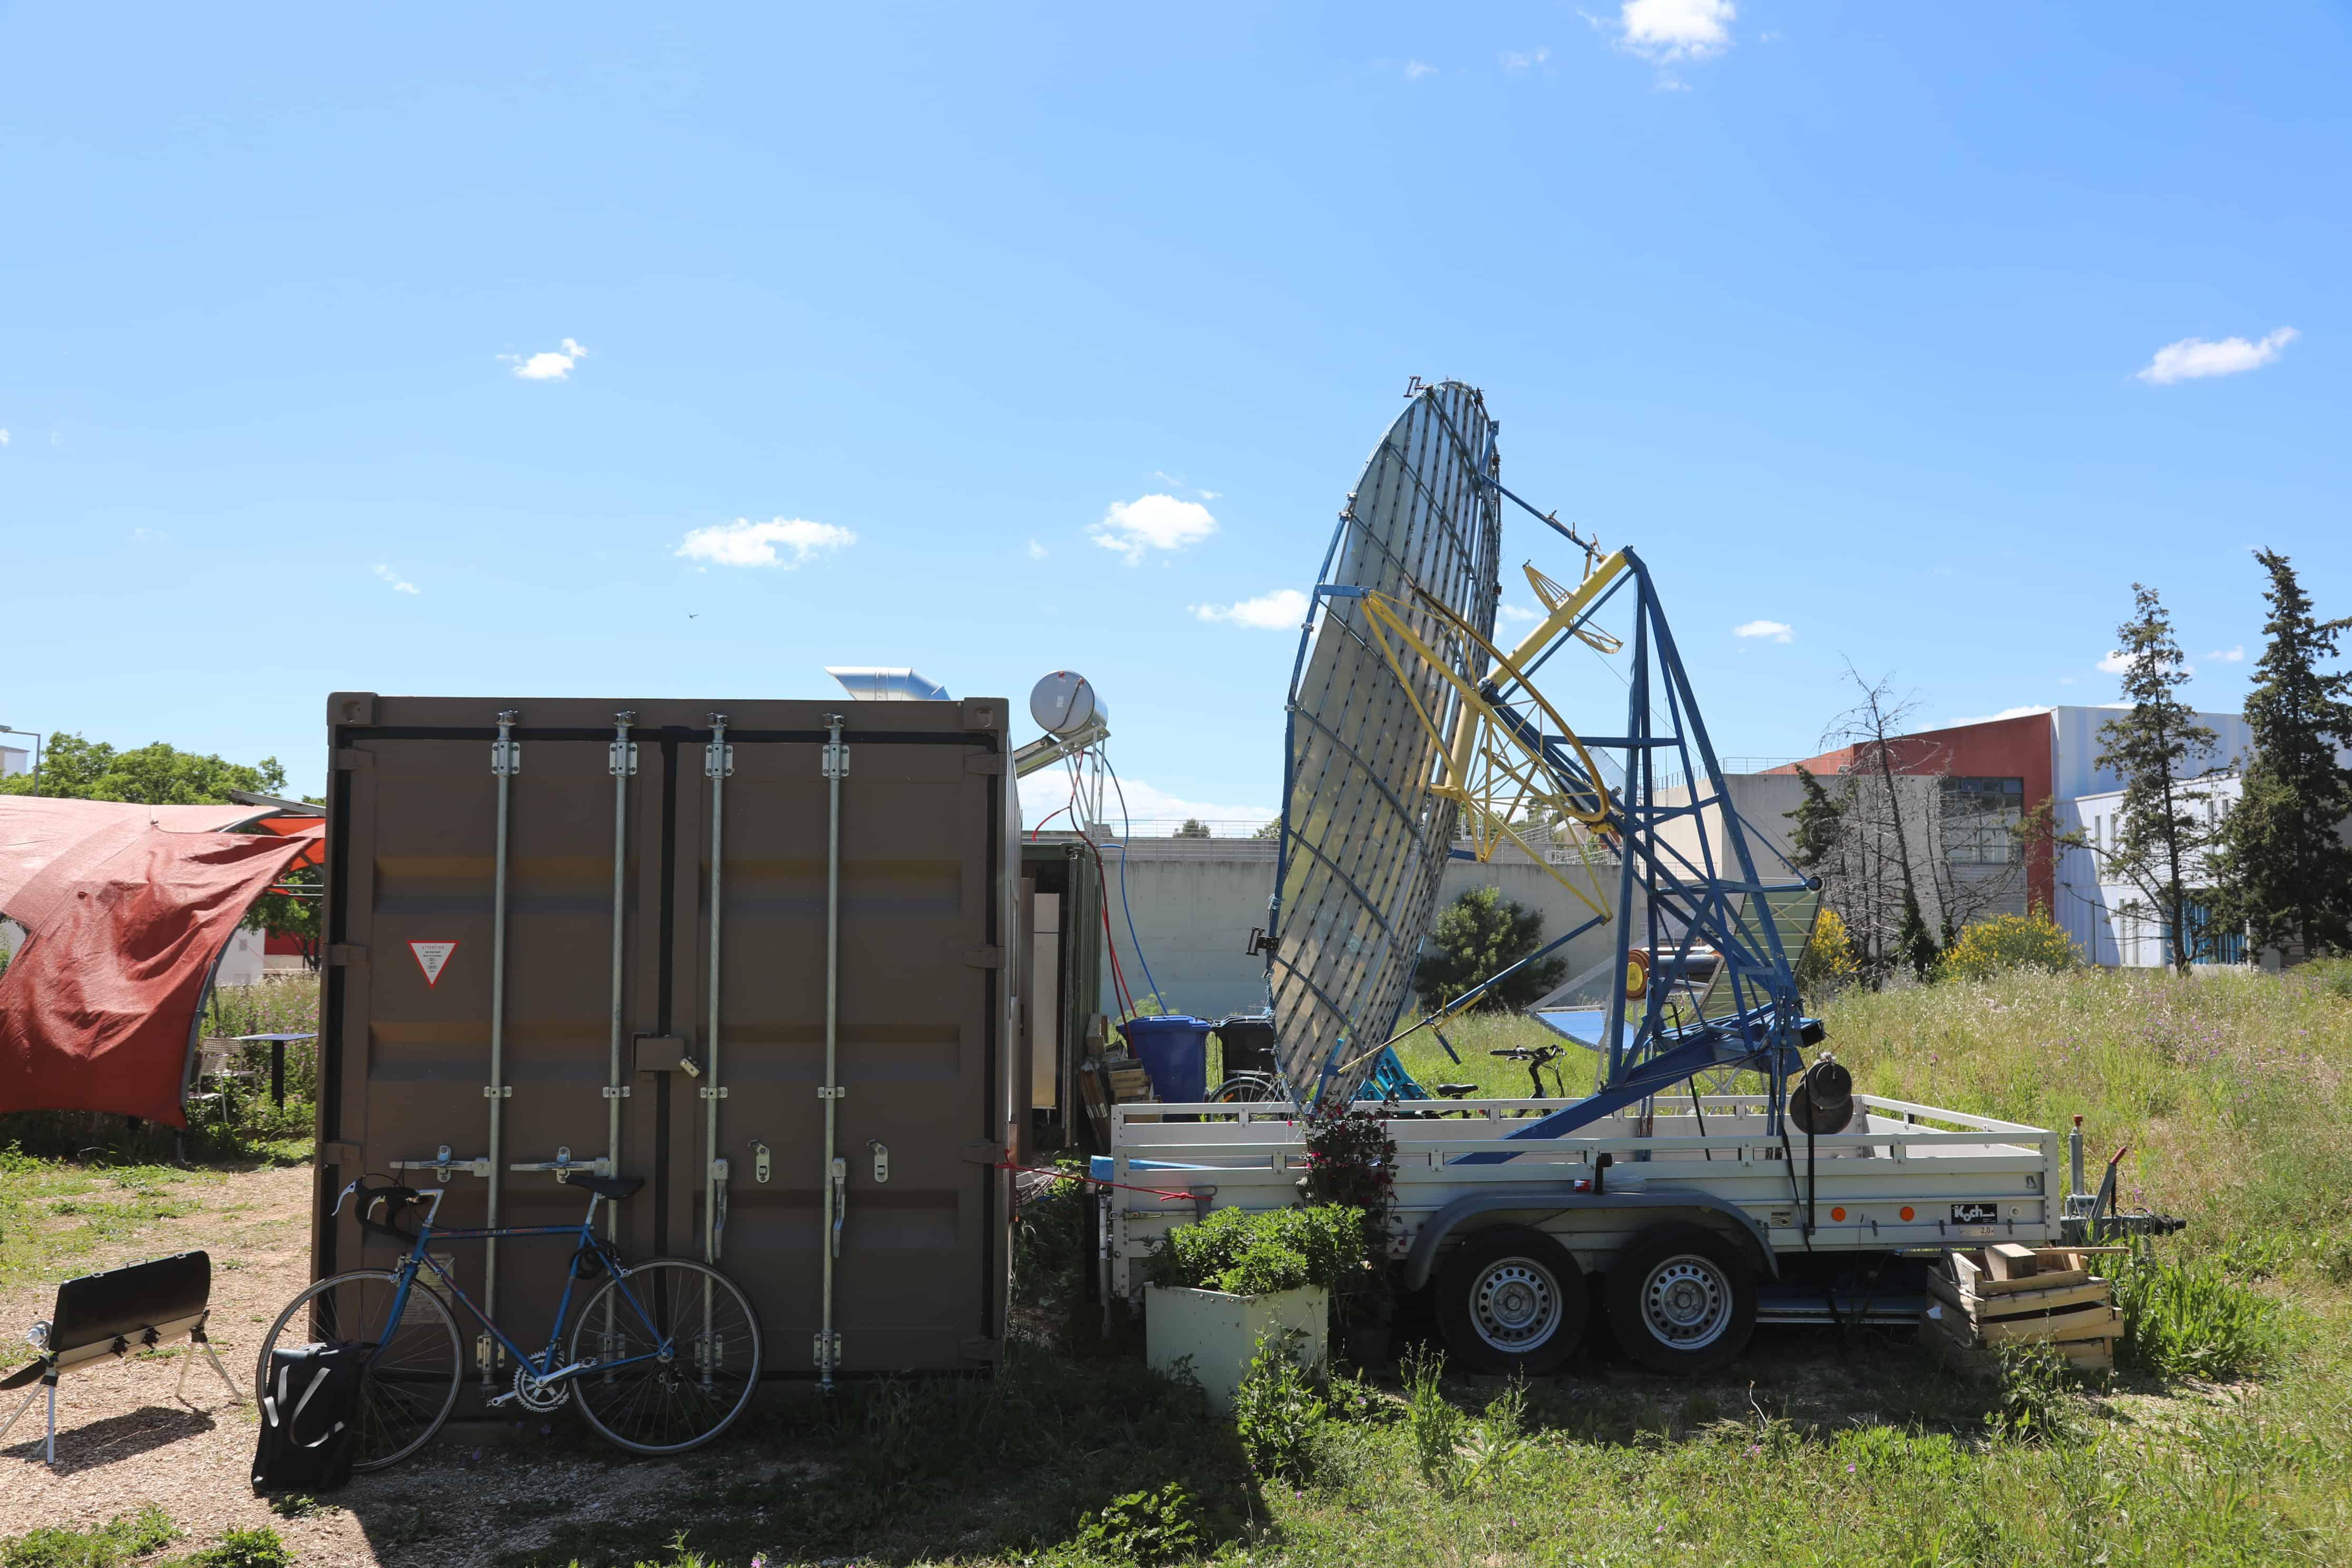 solar power restaurant